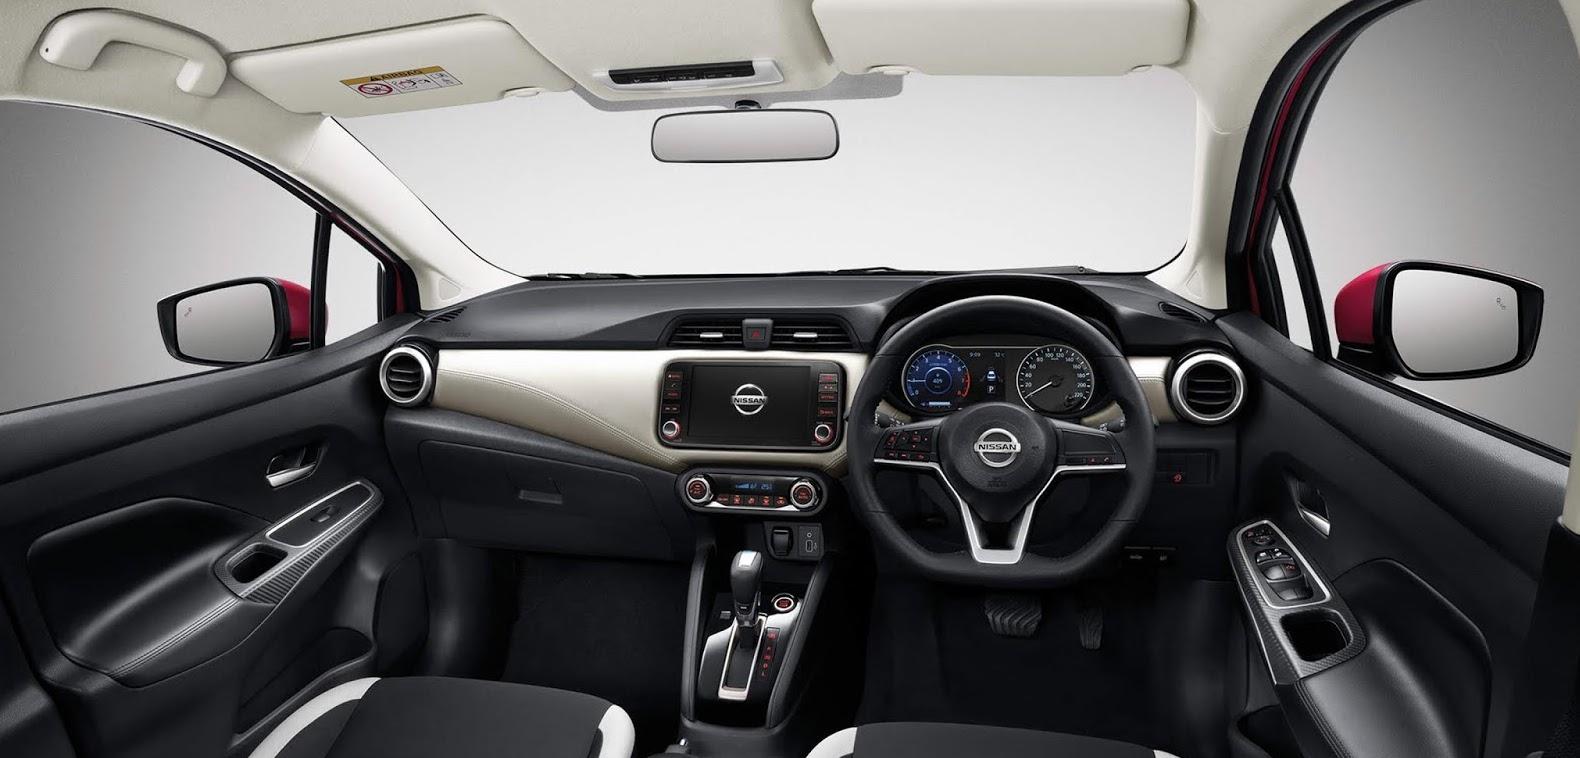 Nissan interrior